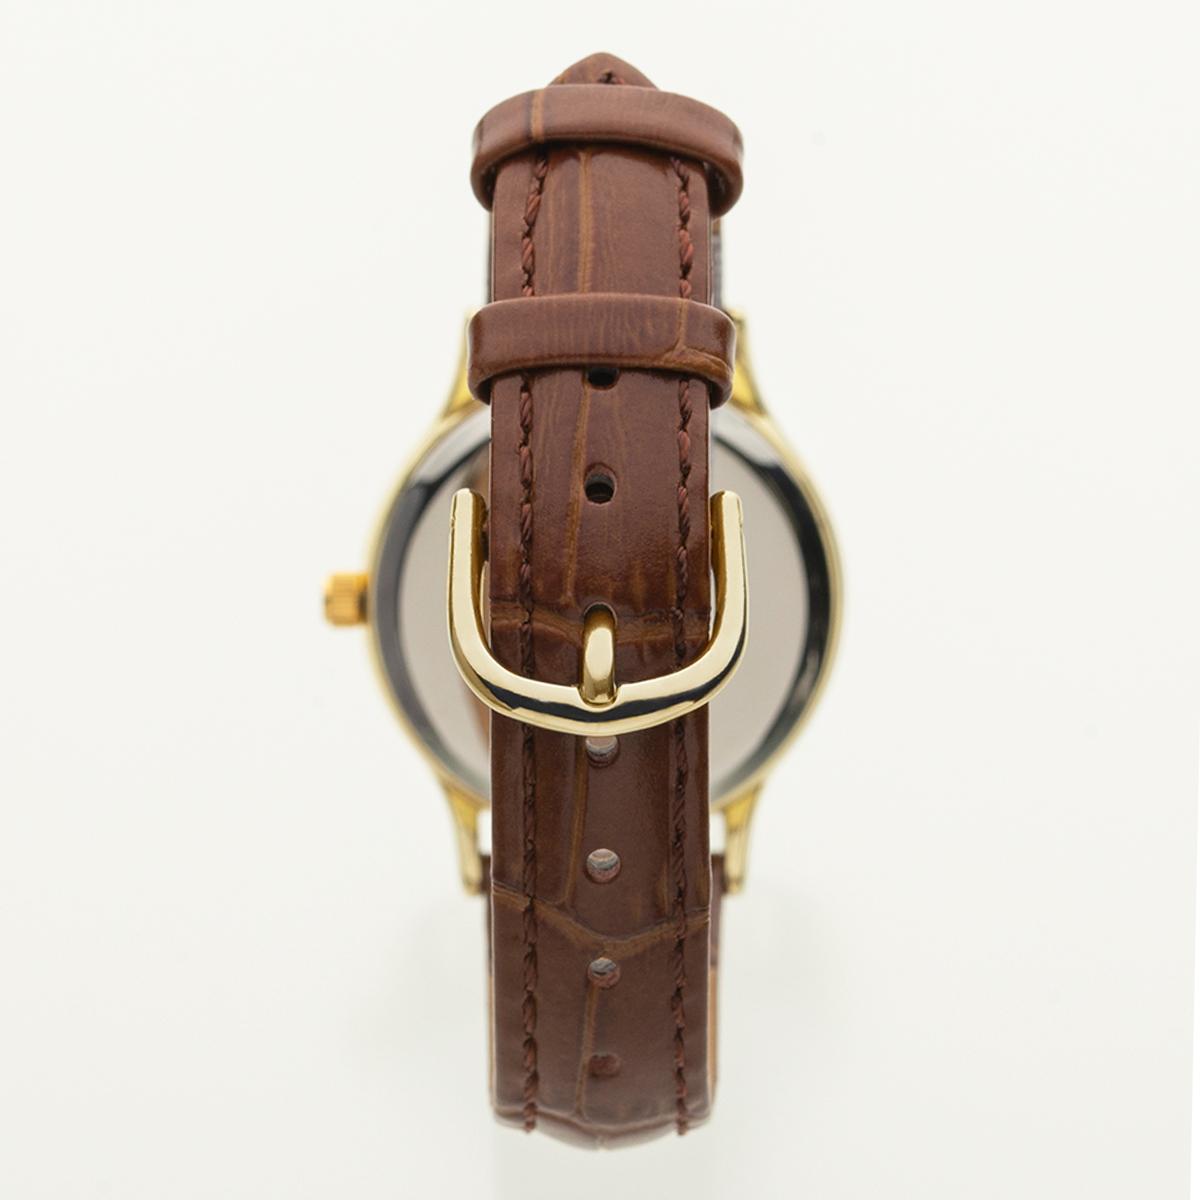 レディースアナログウオッチ 腕時計 本革 ソーラー 10気圧防水 AVANTINO アヴァンティーノ【AV-AL172】【AV-AL172-WTG】